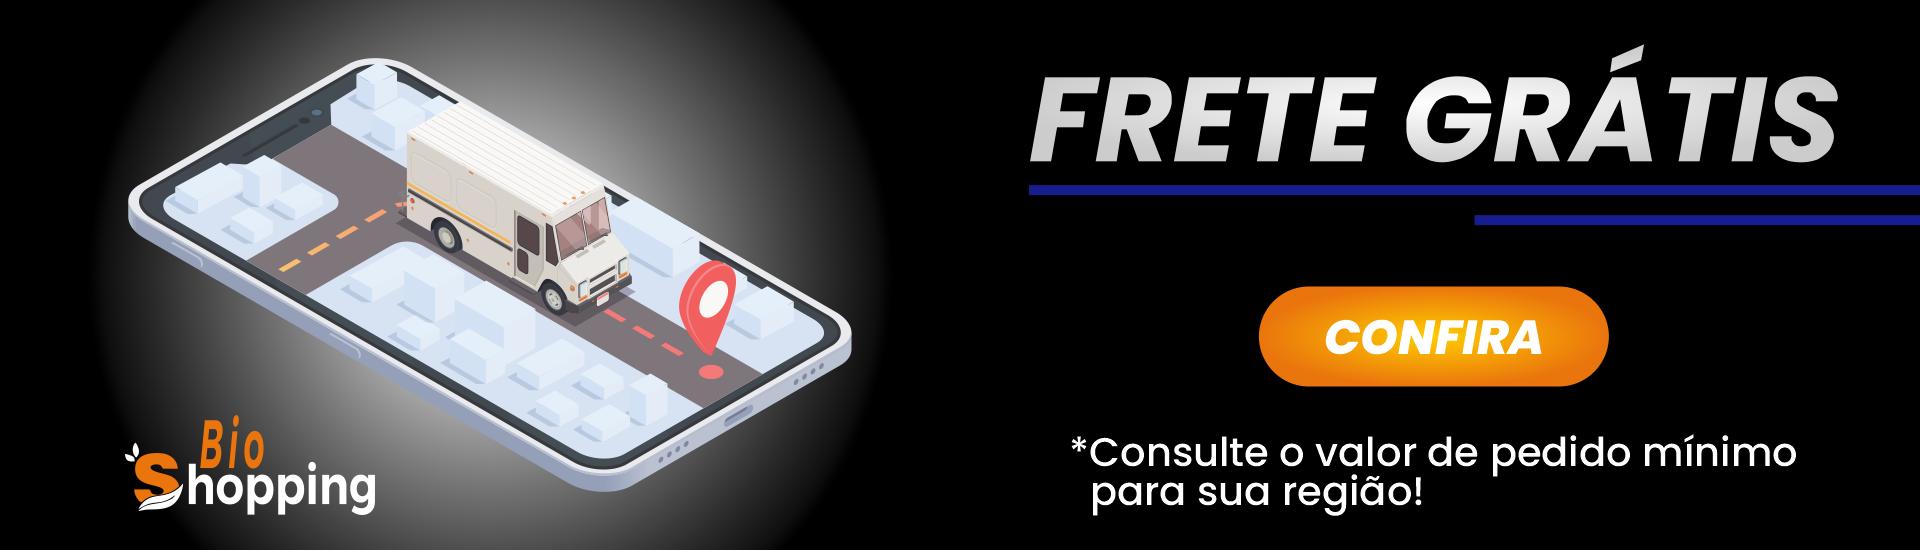 FRETE GRÁTIS 2.0